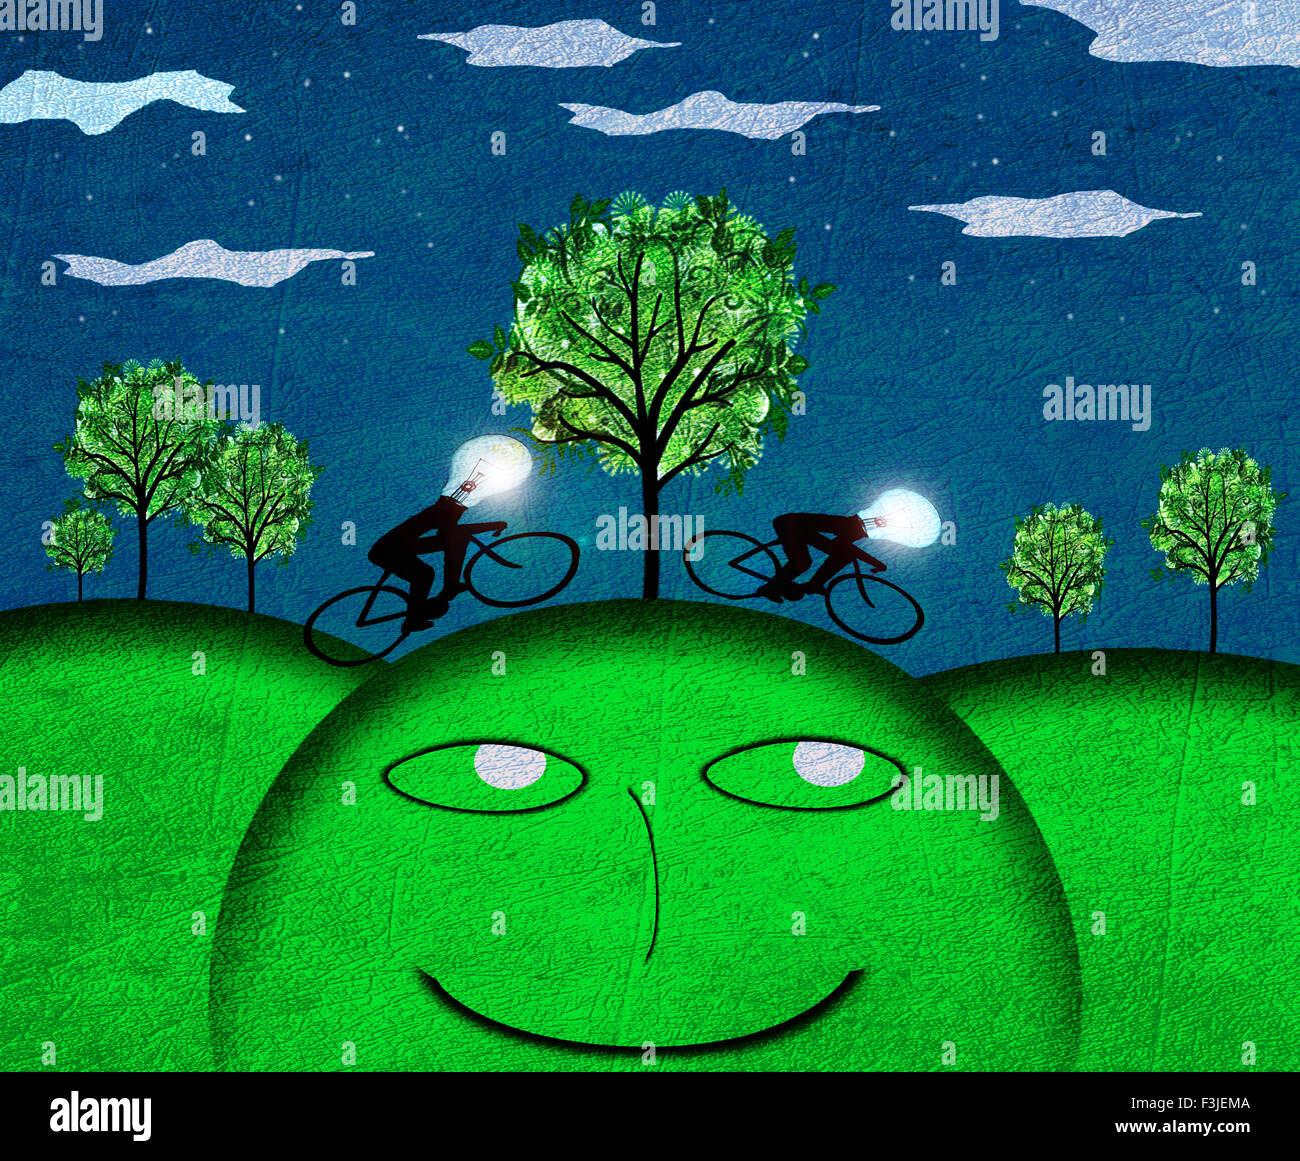 Concepto creativo paisaje nocturno ilustración digital Imagen De Stock